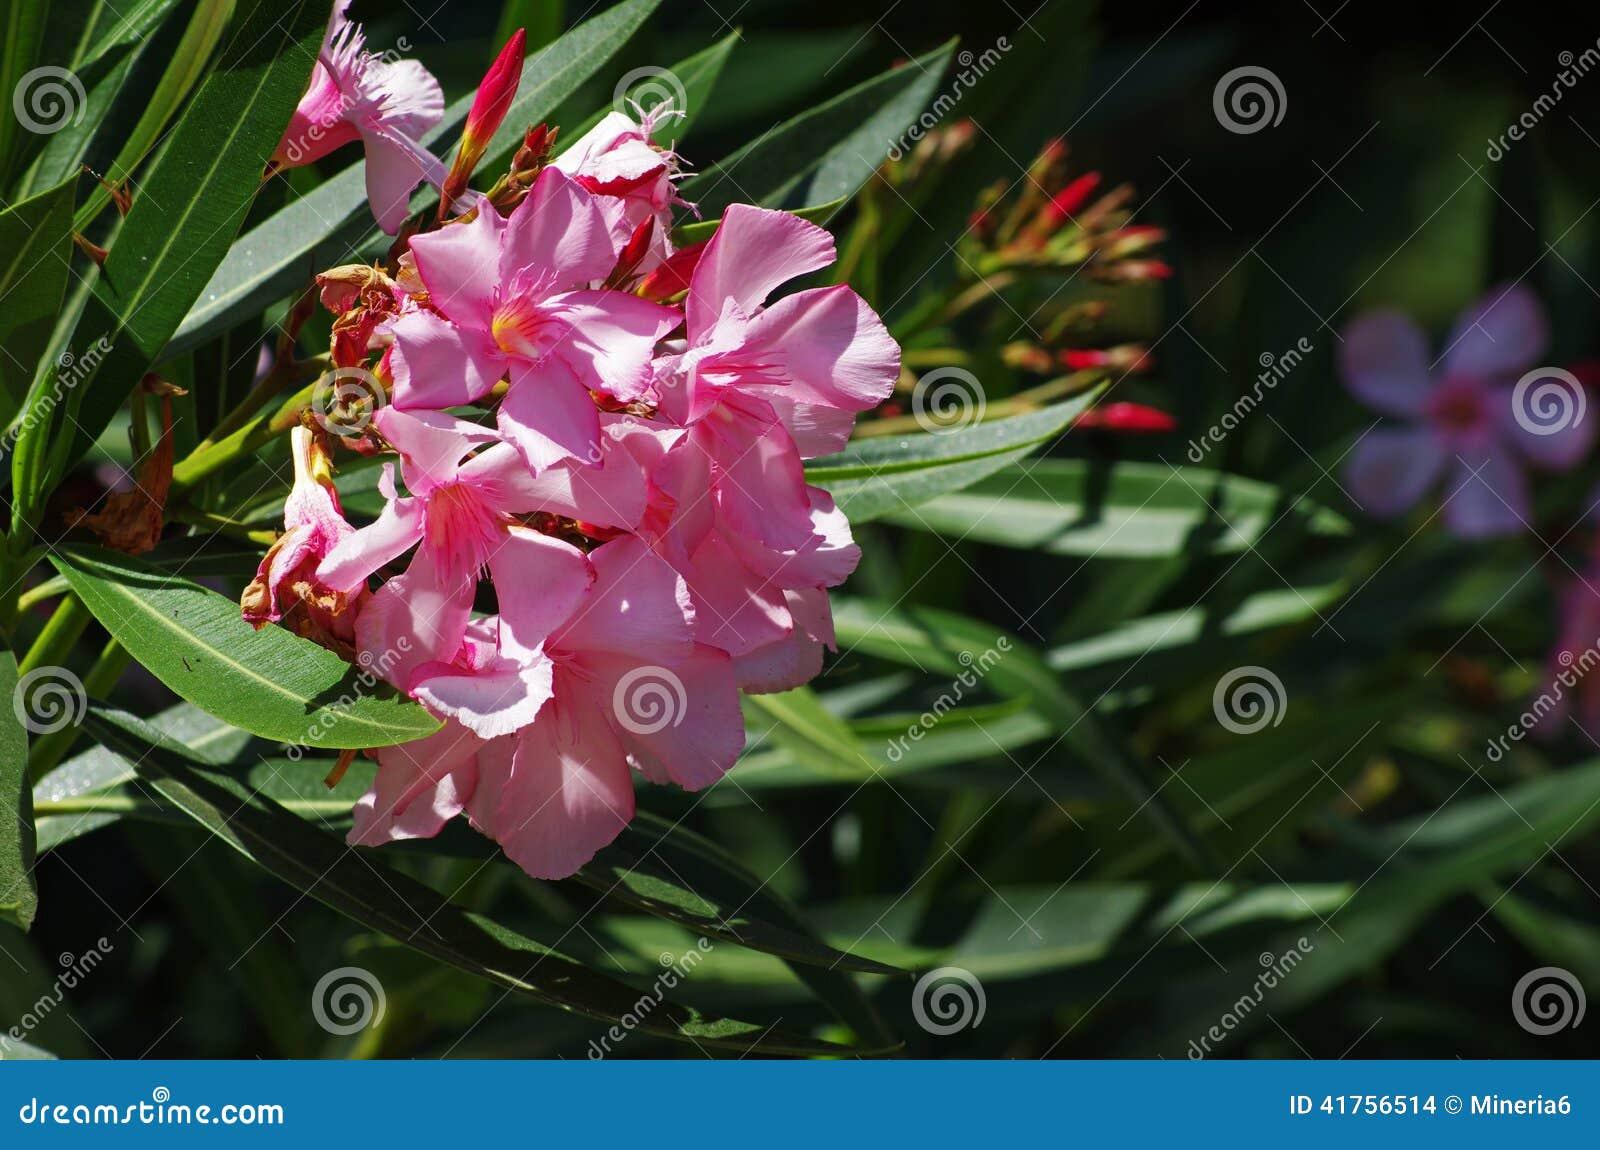 Pink oleander flowers stock photo image of petals leaf 41756514 mediterranean pink oleander flowers barcelona spain mightylinksfo